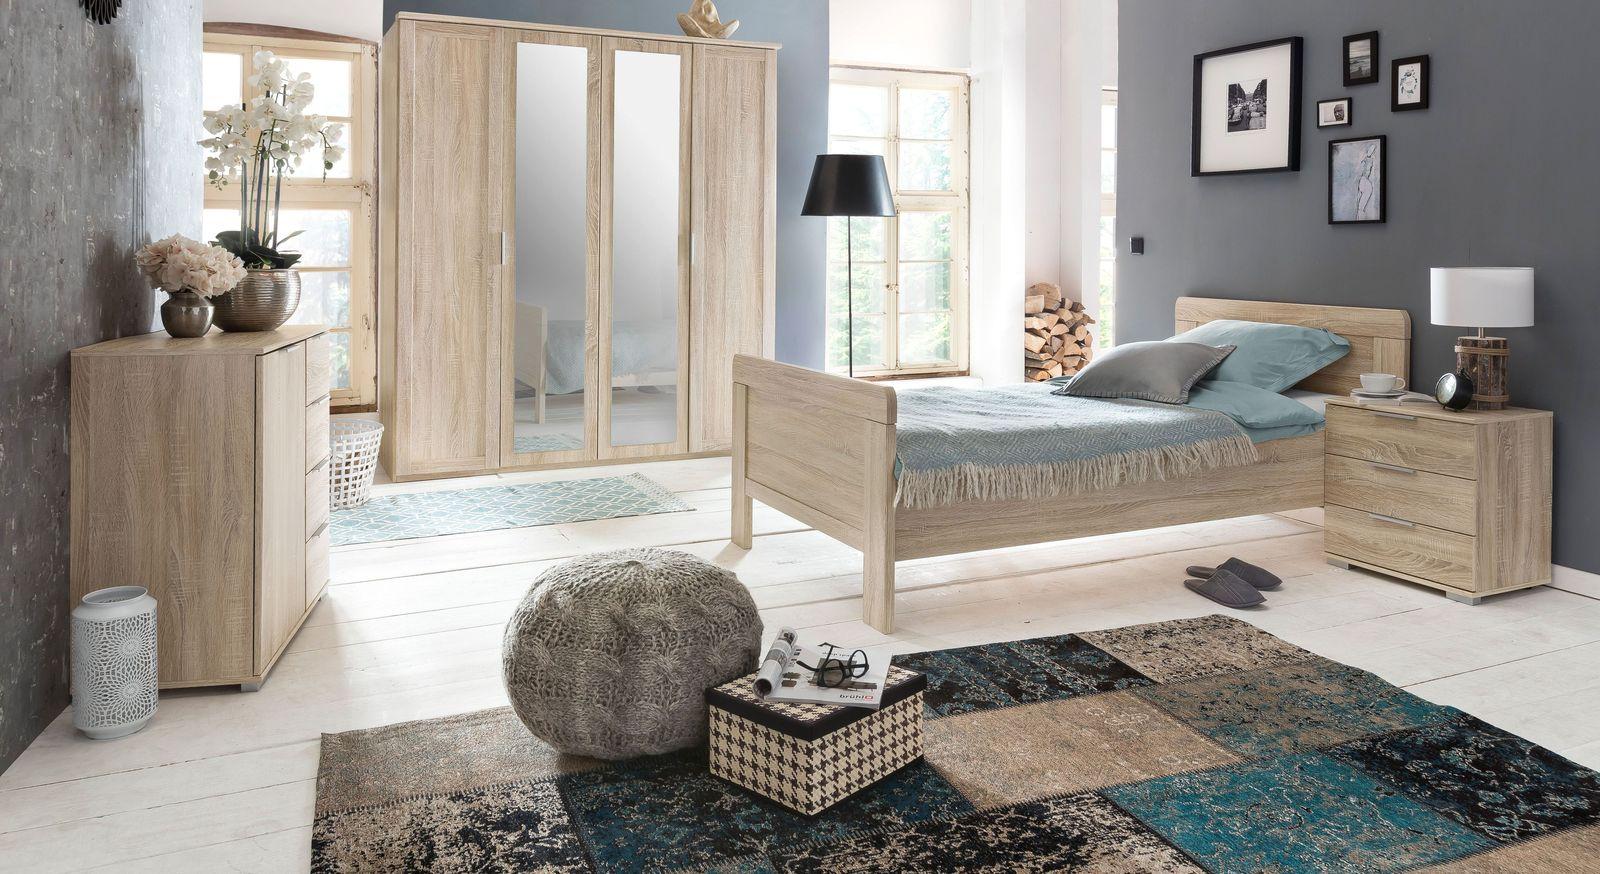 Full Size of überbau Schlafzimmer Modern Senioren Komplett Mit Einzel Oder Doppelbett Moderne Deckenleuchte Wohnzimmer Kommode Deckenleuchten Modernes Sofa Weißes Wohnzimmer überbau Schlafzimmer Modern